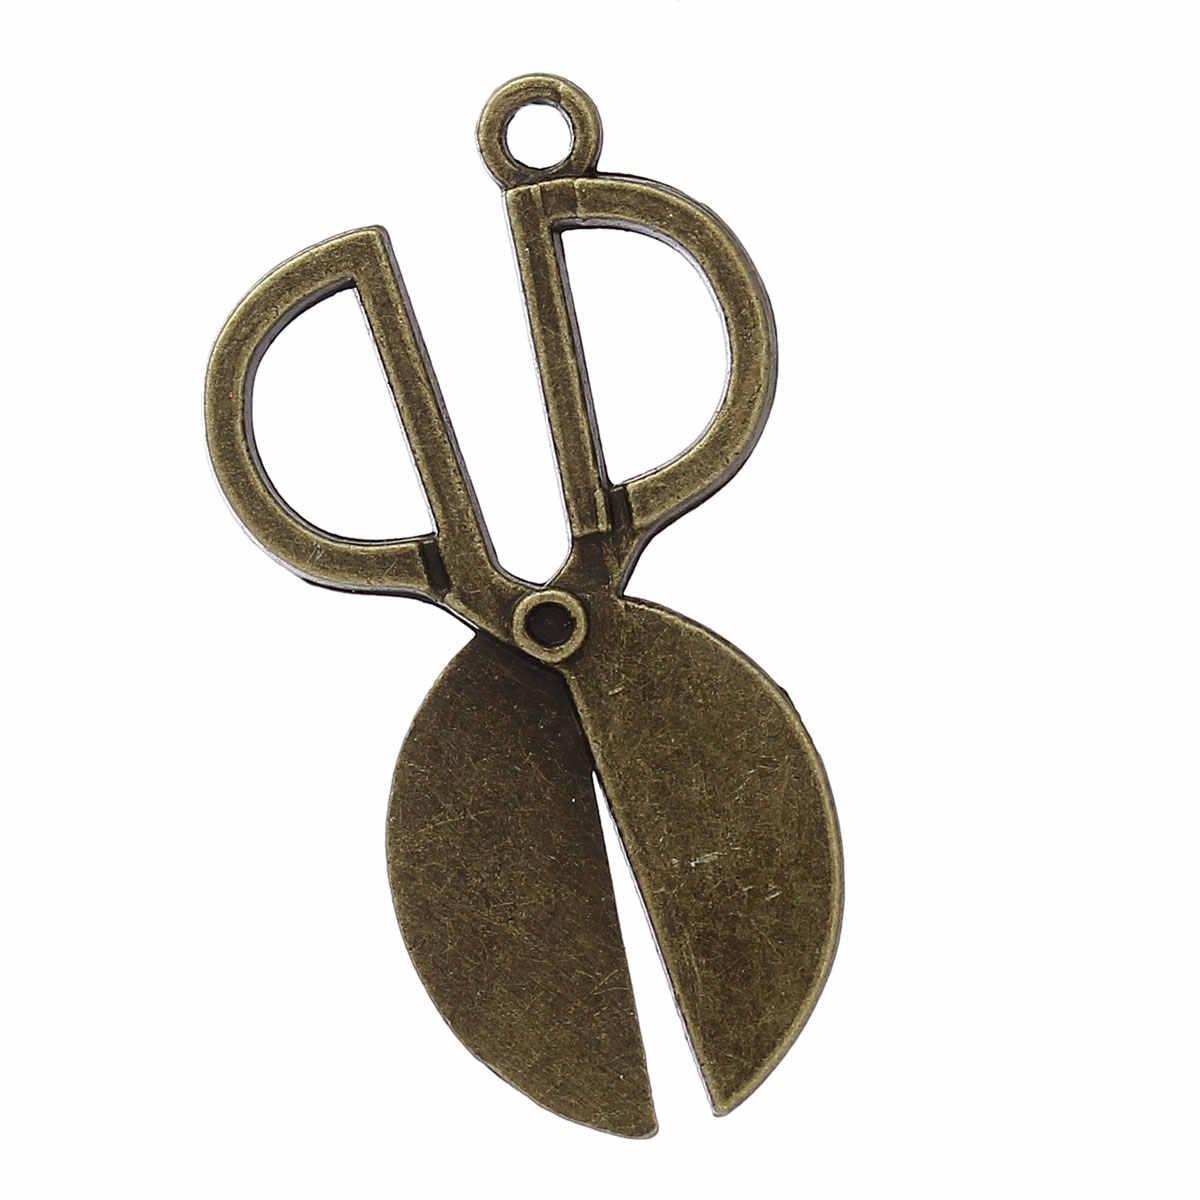 """DoreenBeads hợp kim Kẽm kim loại Charm Mặt Dây Kéo Antique Bronze 36 mét (1 3/8 """") x 20 mét (6/8""""), 1 Piece 2017 mới"""